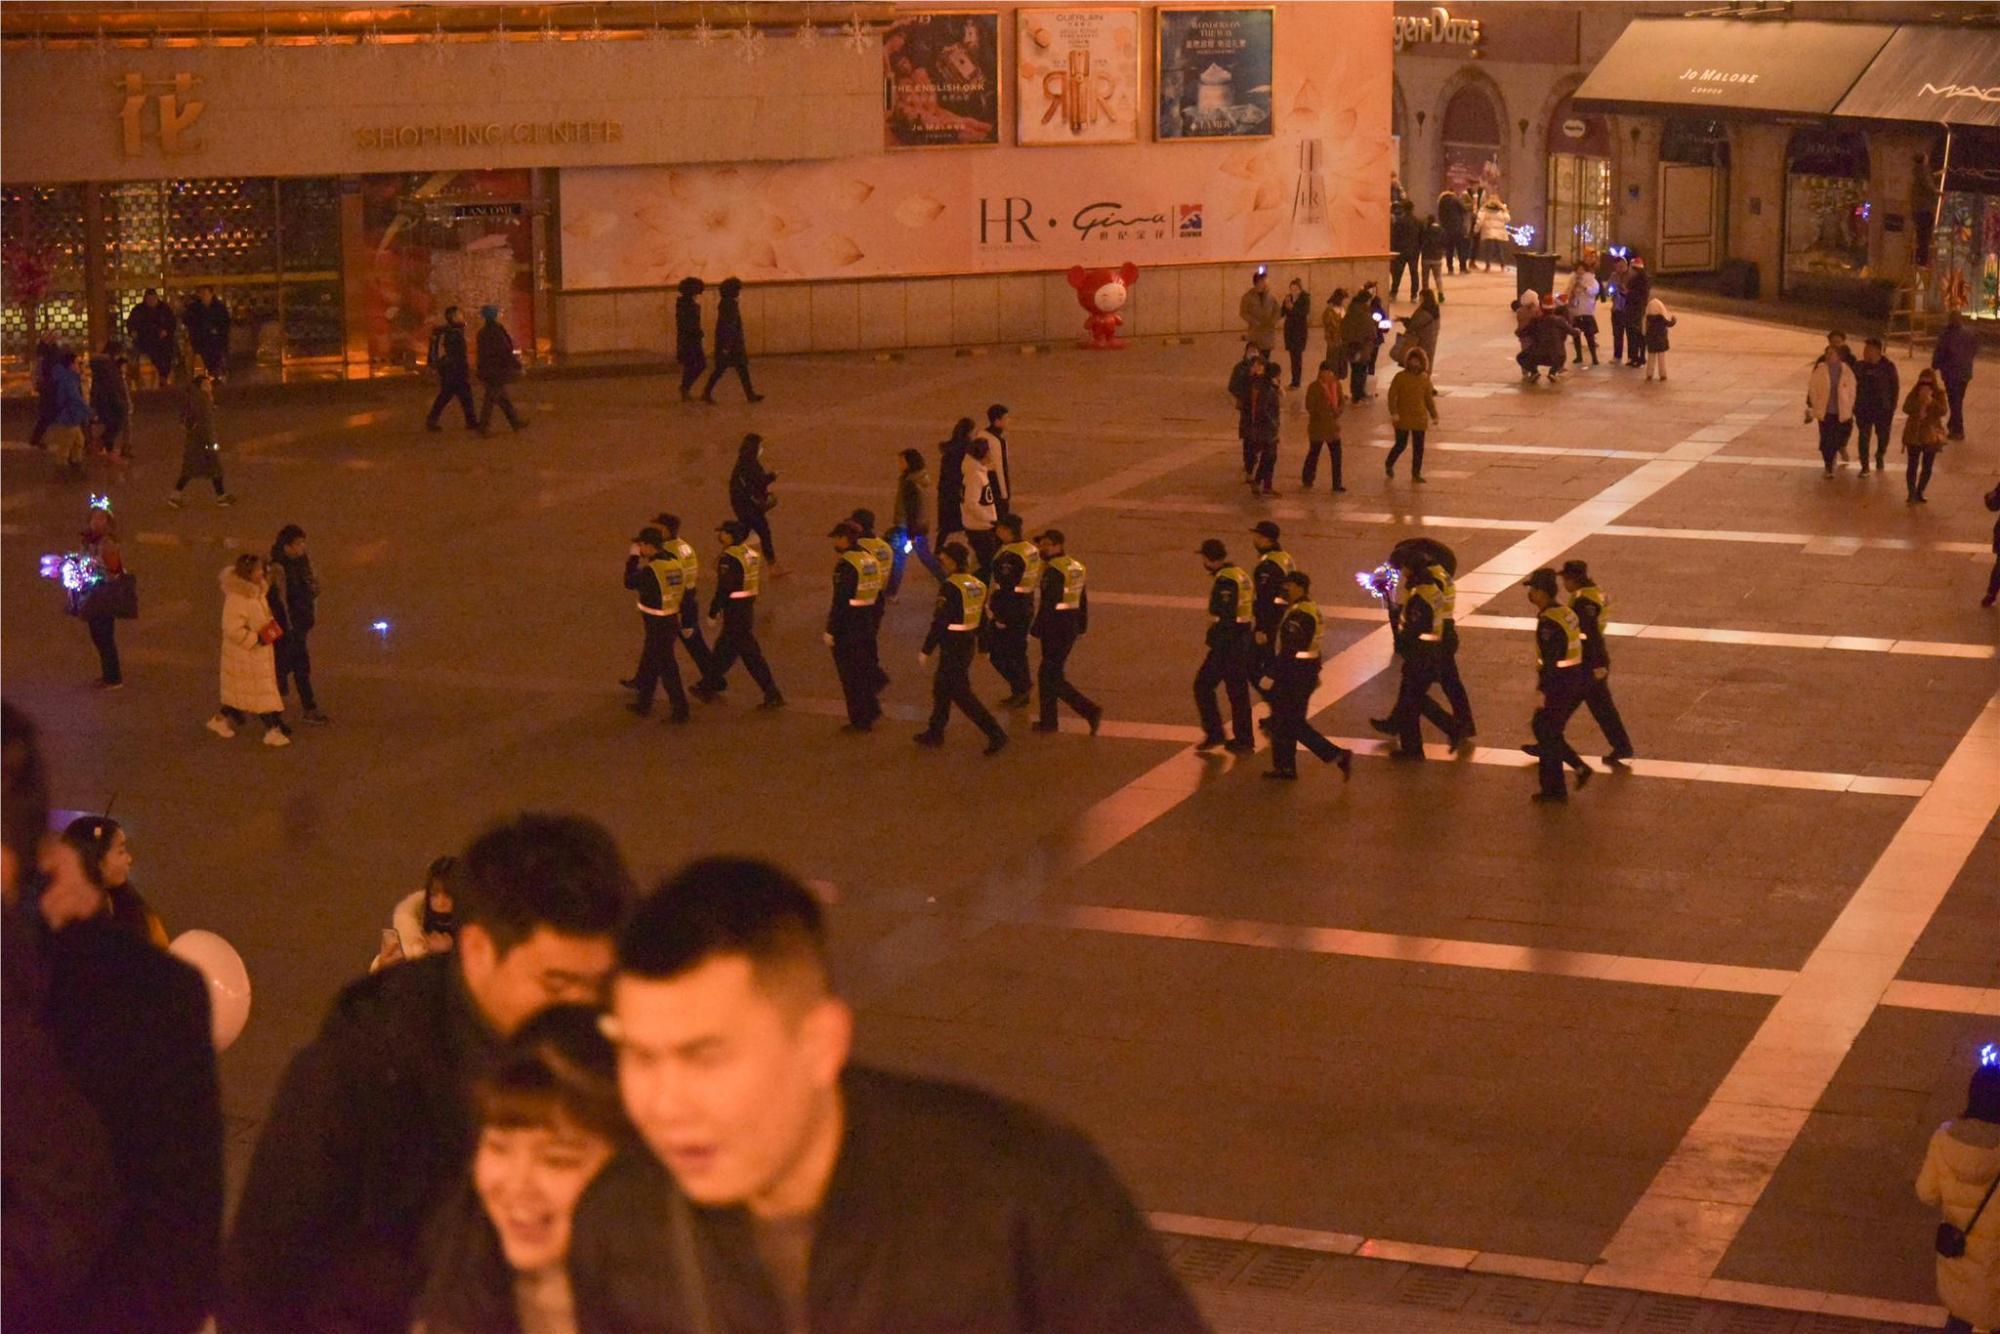 2019年平安夜,西安街头人流不如周末,洋节被冷淡何尝不是好事?